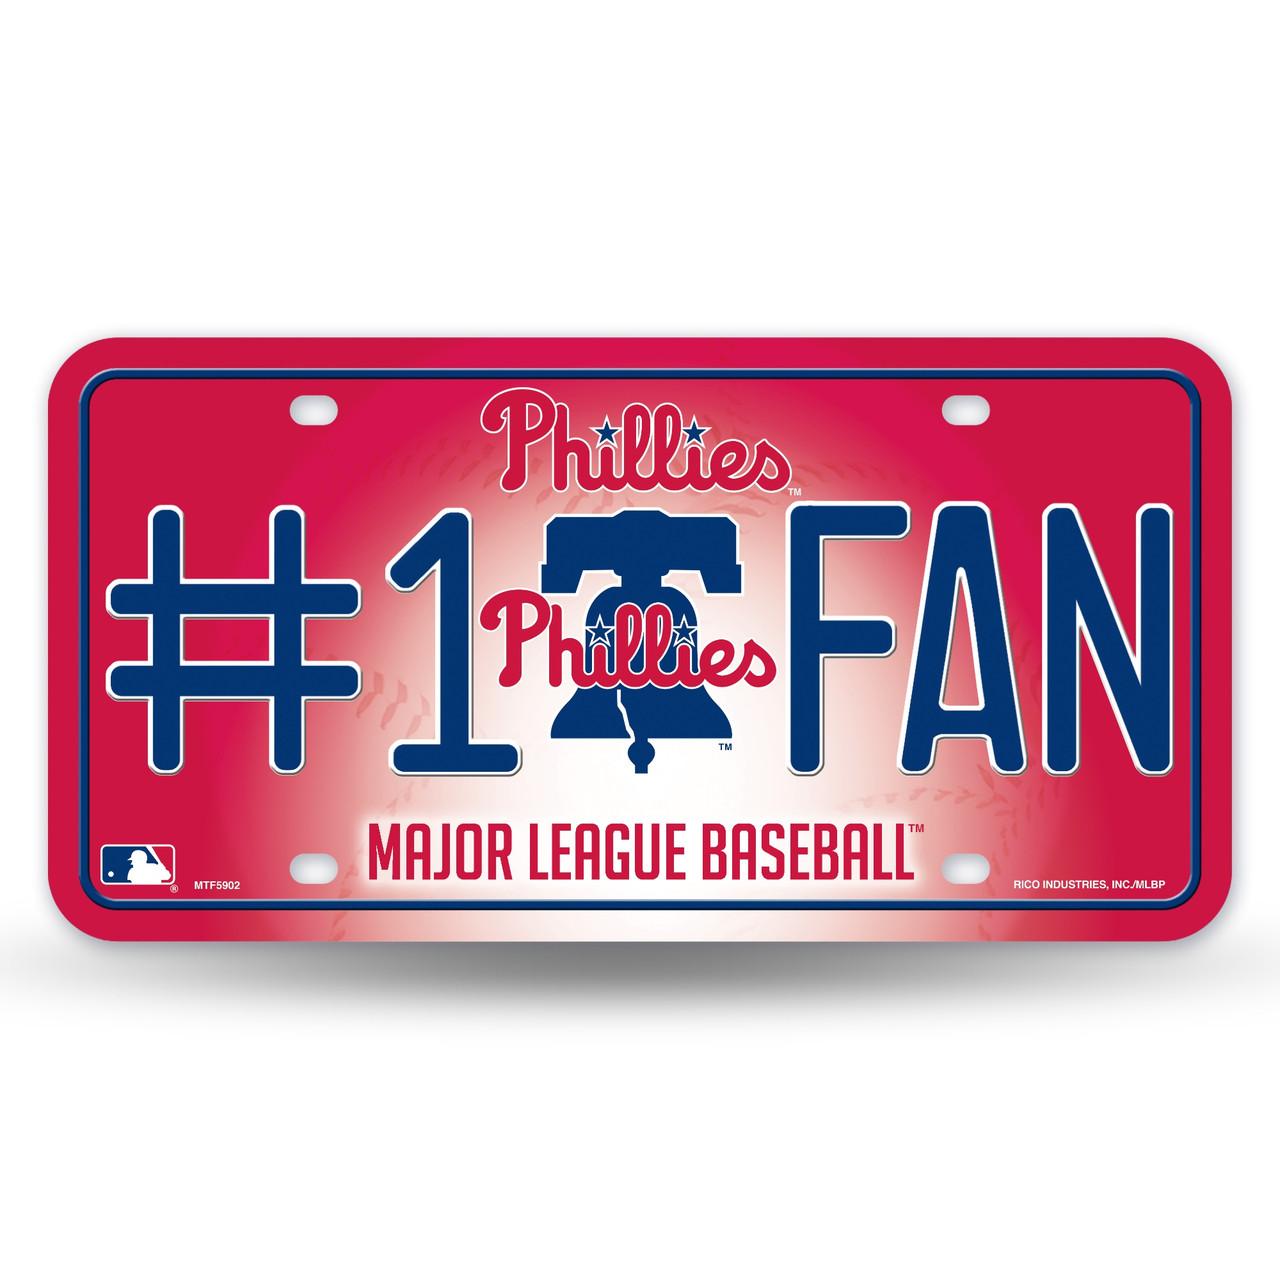 Philadelphia Phillies License Plate #1 Fan Alternate Design